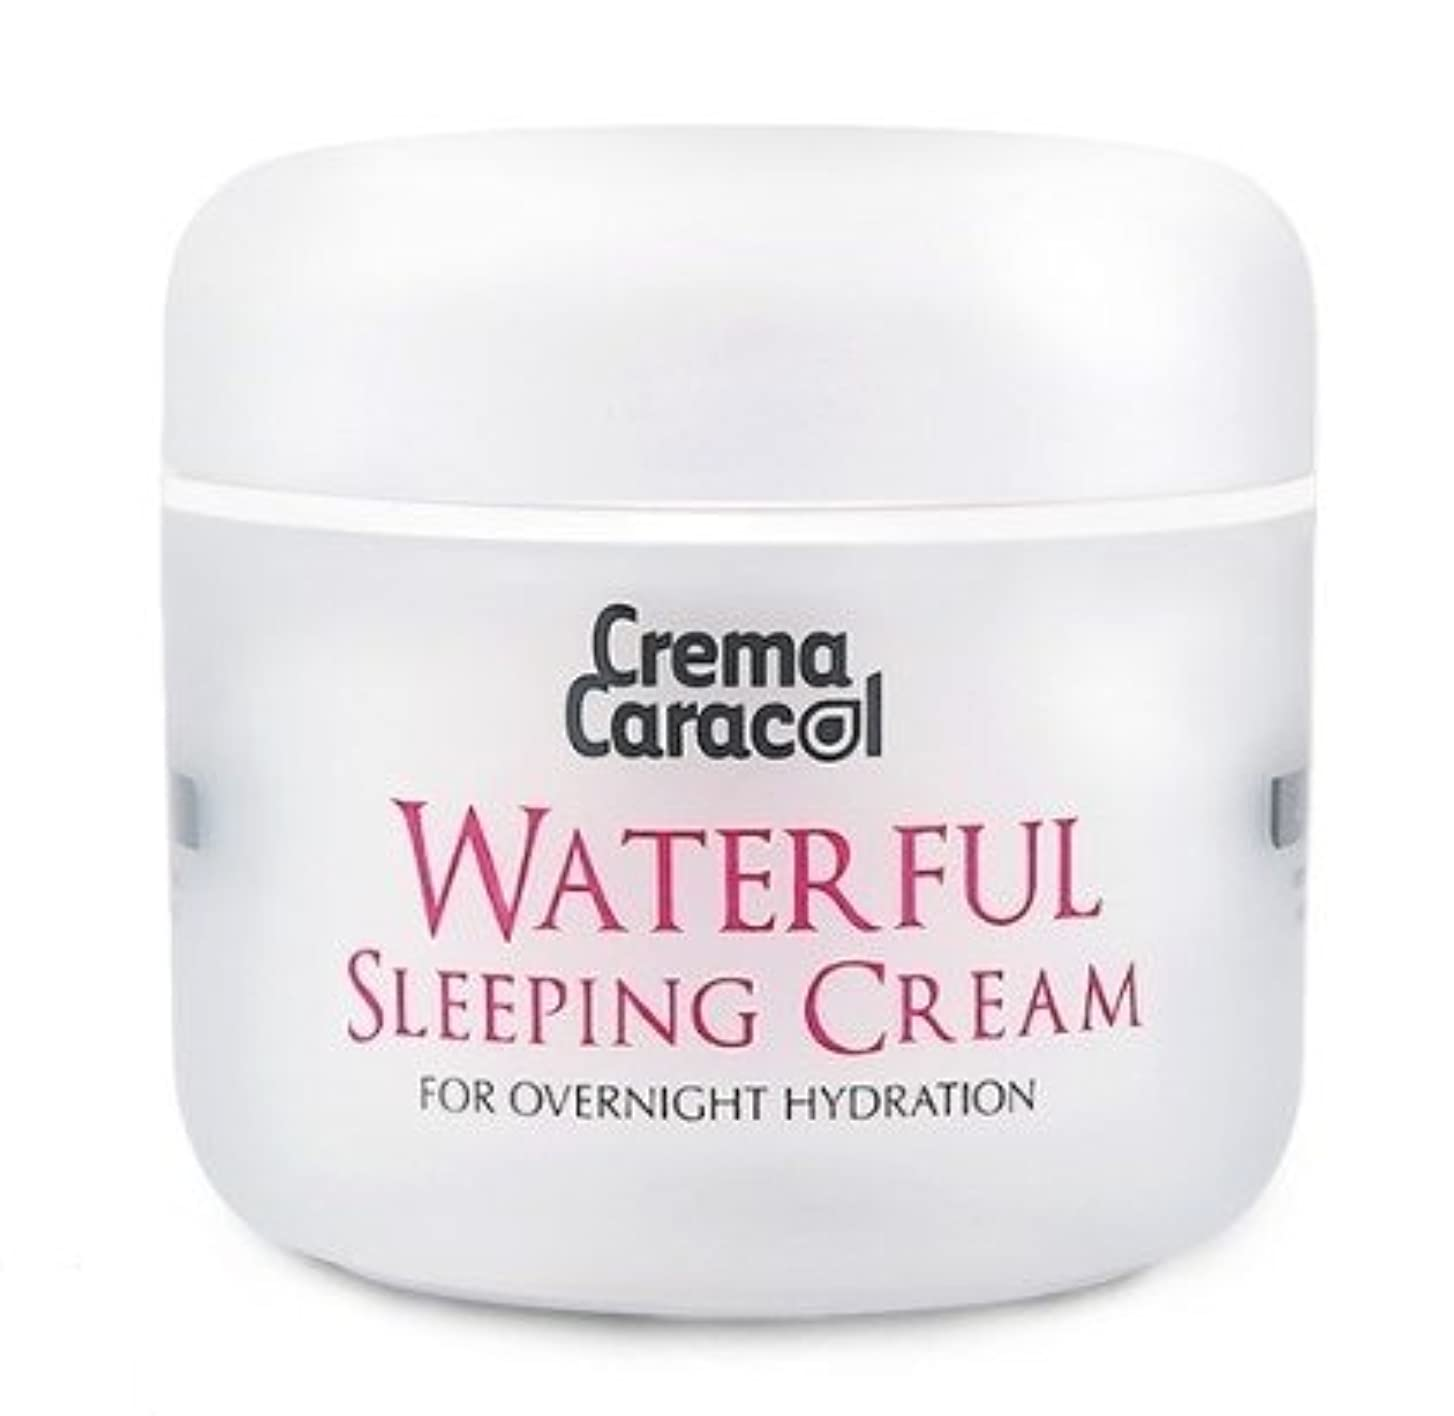 頼る延ばすリビジョン[JAMINKYUNG] Waterful Sleeping Cream/孜民耕 [ジャミンギョン] ウォーターフルスリーピングクリーム [並行輸入品]